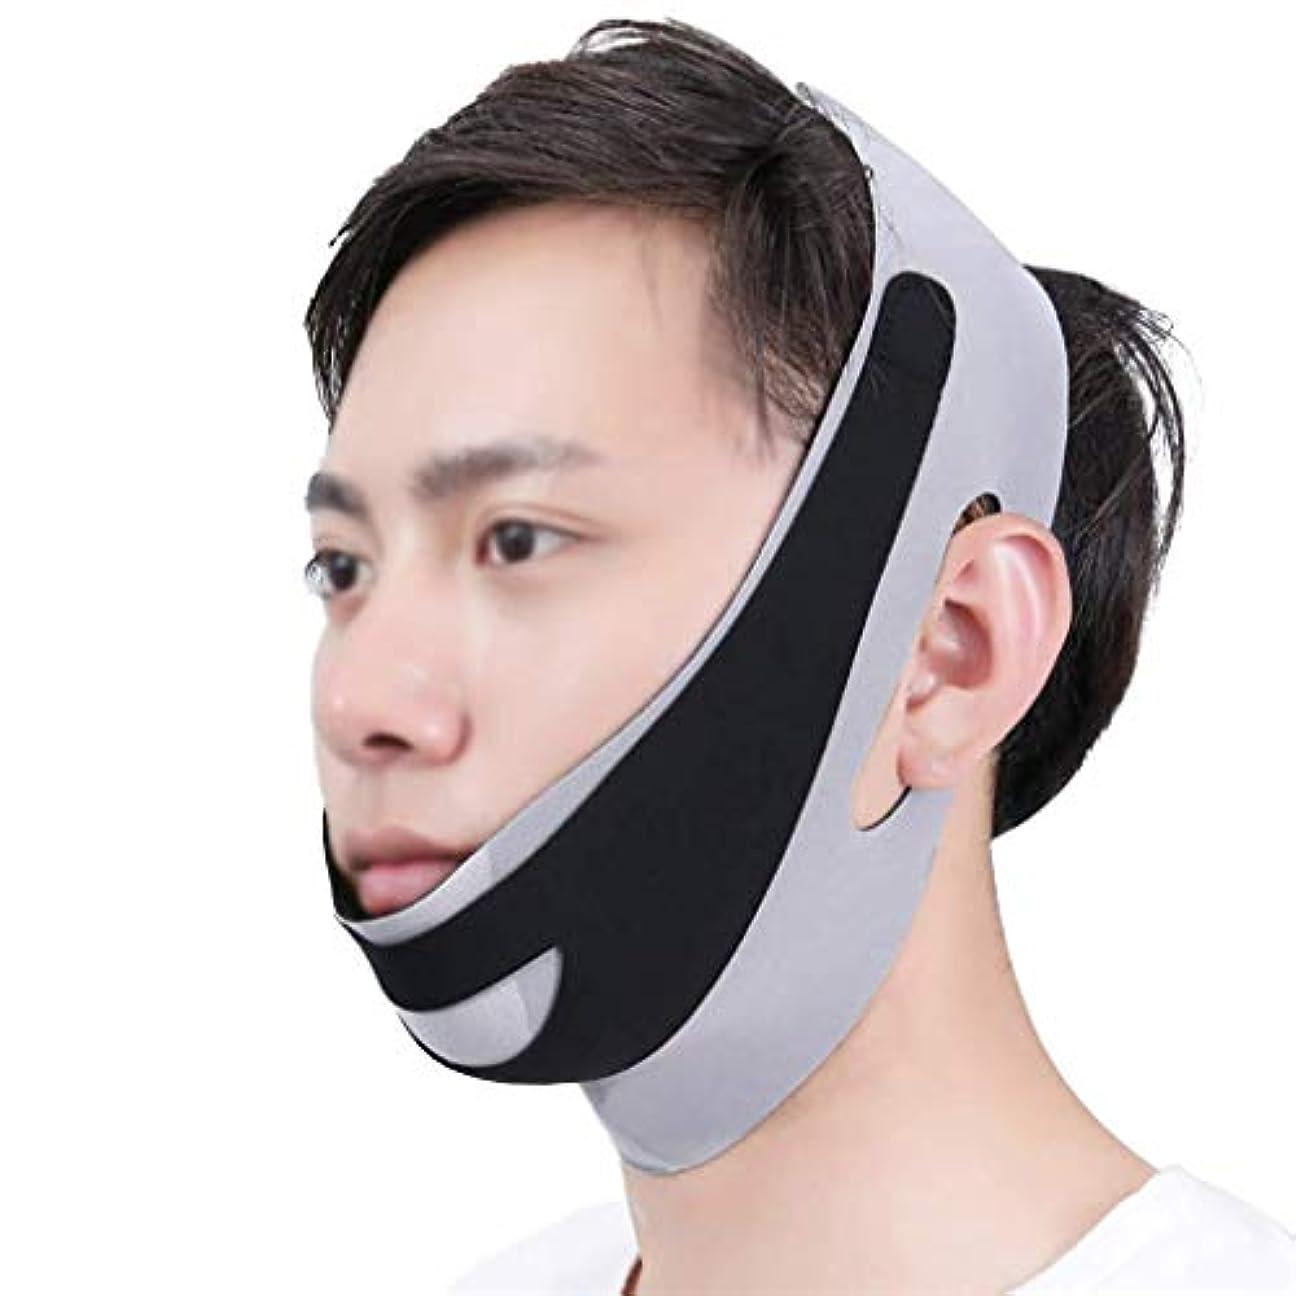 交換有益マルクス主義者顔と首のリフト術後の弾性フェイスマスク小さなV顔アーティファクト薄い顔包帯アーティファクトV顔ぶら下げ耳リフティング引き締め男性の顔アーティファクト